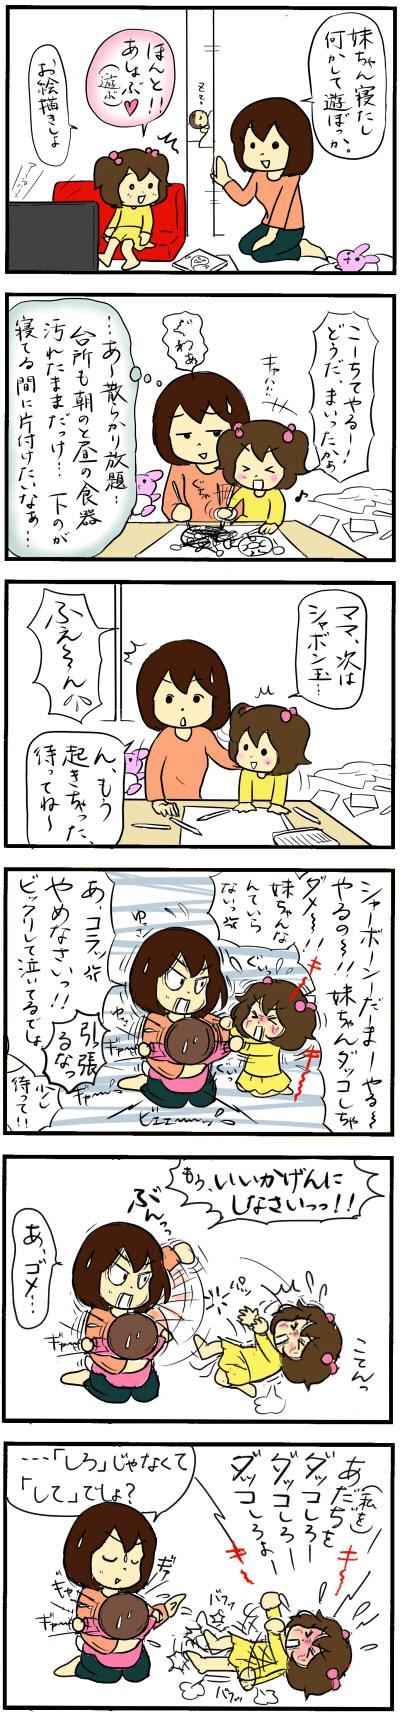 「あたちを抱っこしろー!」下の子に強烈なヤキモチを焼く長女・・・【No.39】の画像1